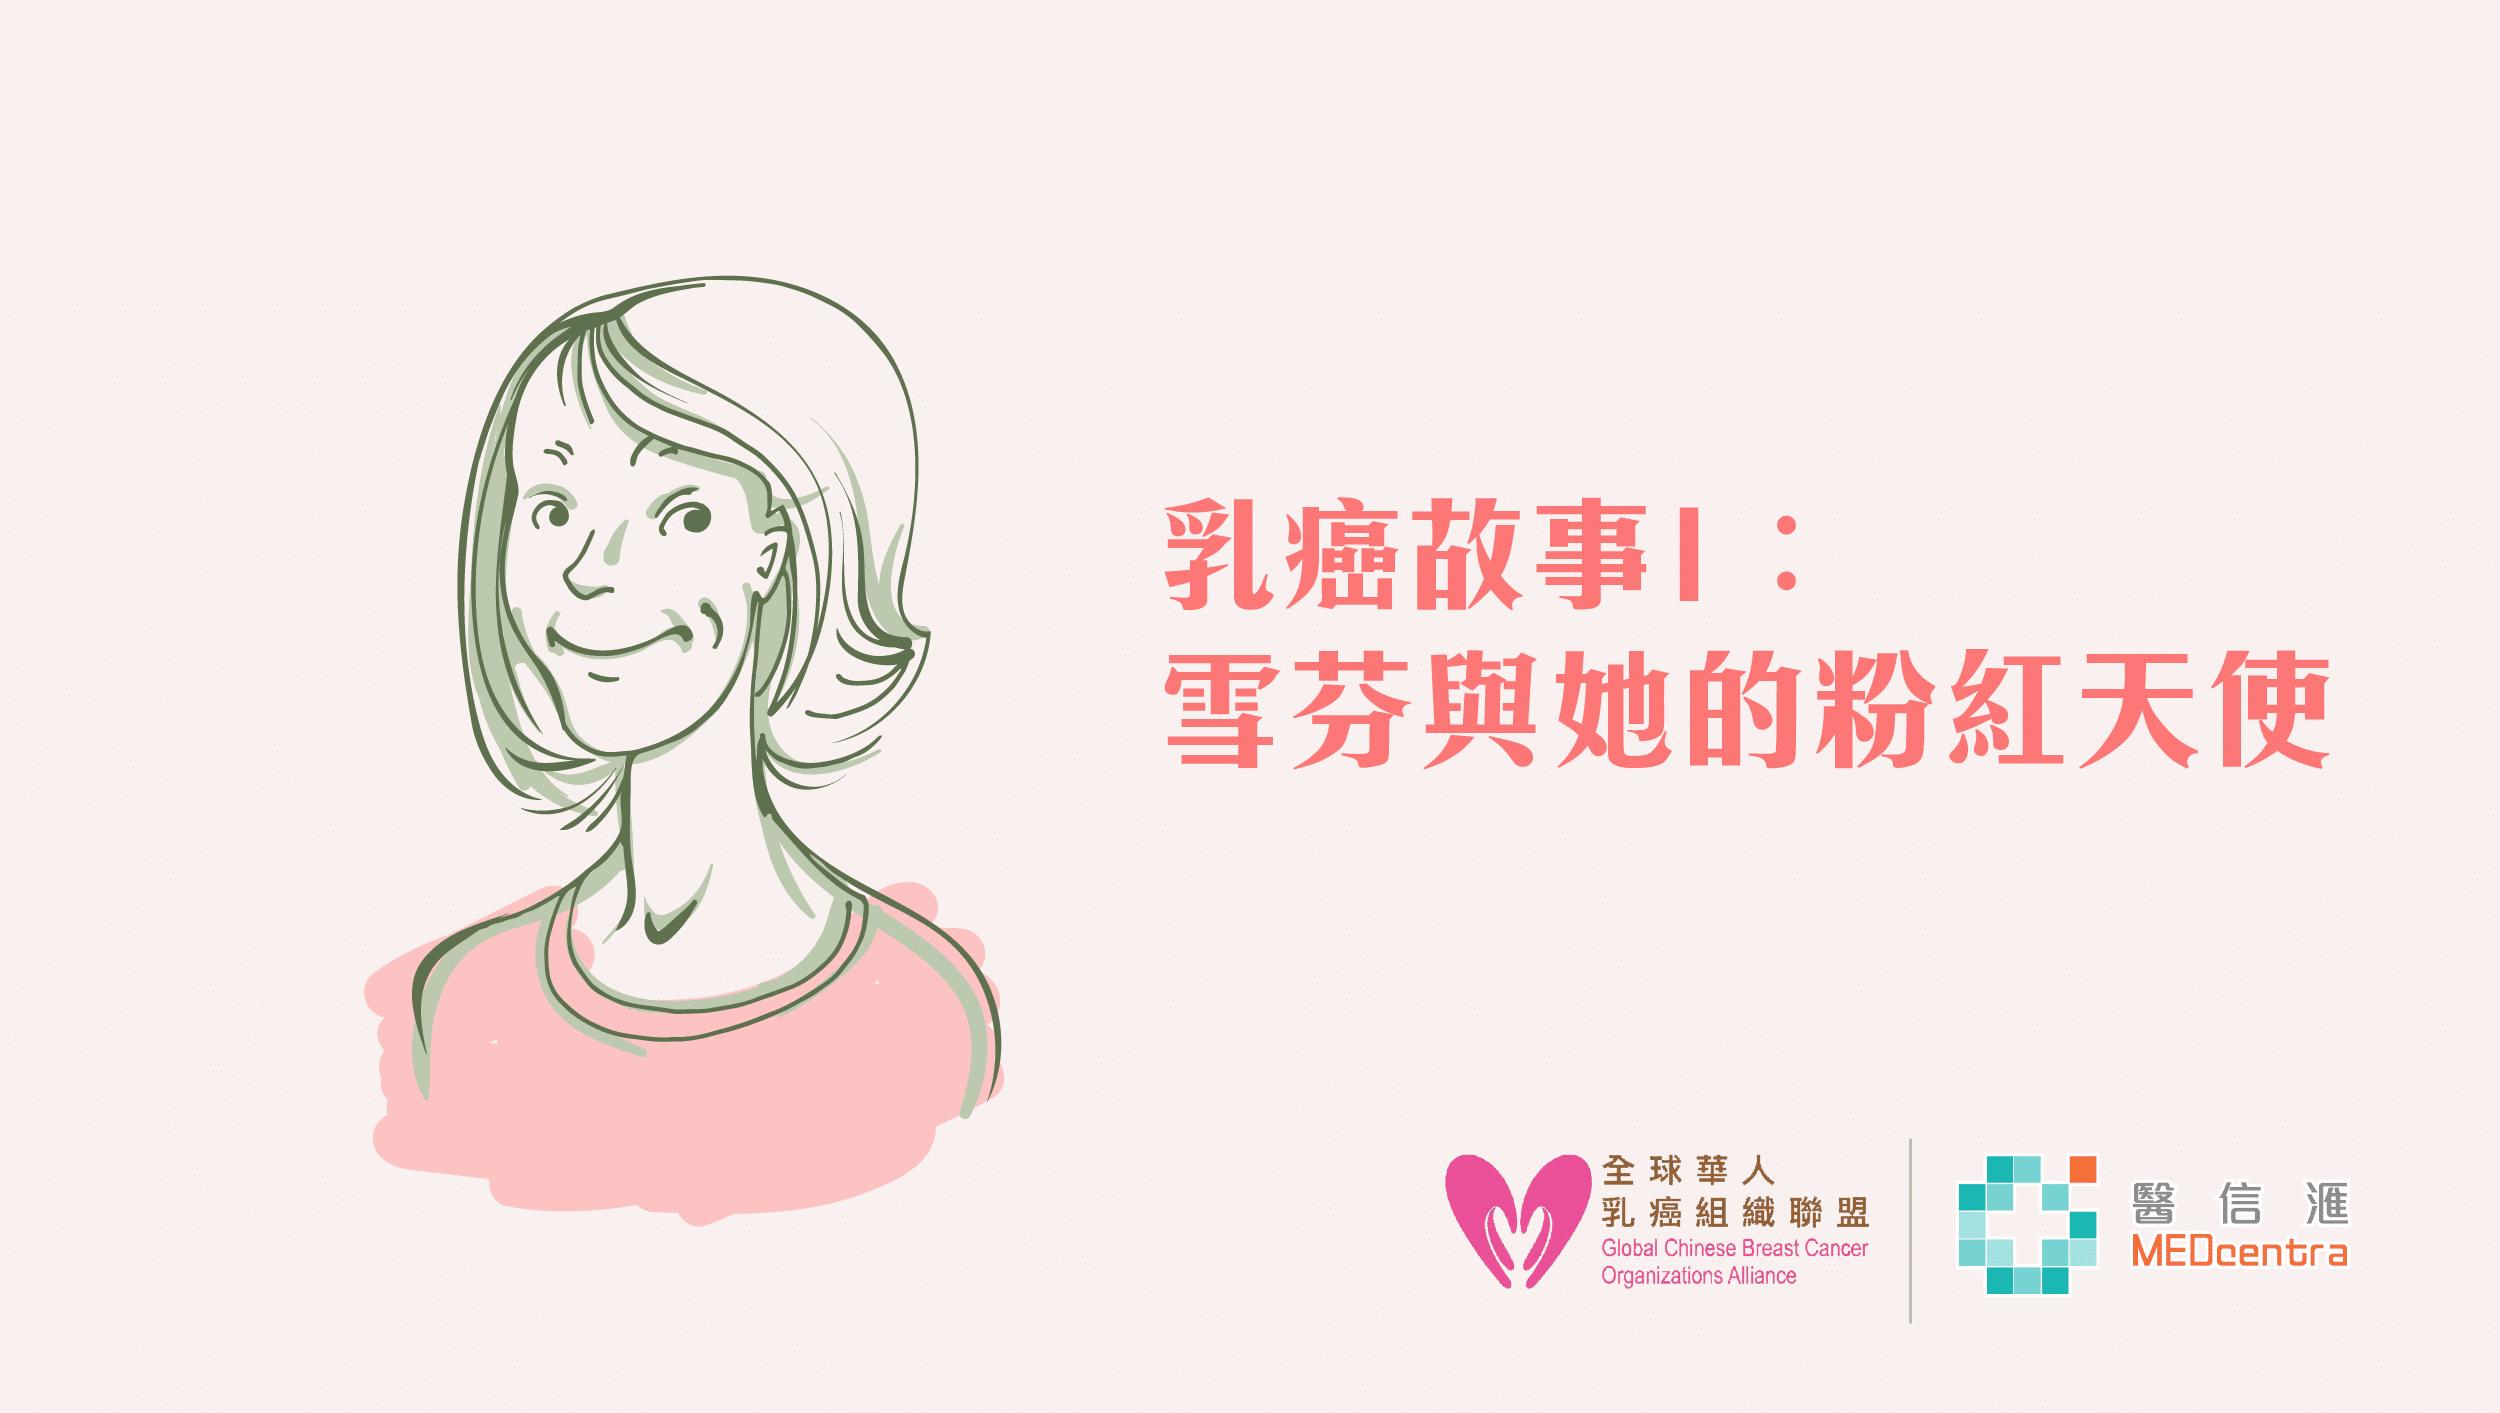 乳癌故事1 – 接受化療,是最好的「自療」